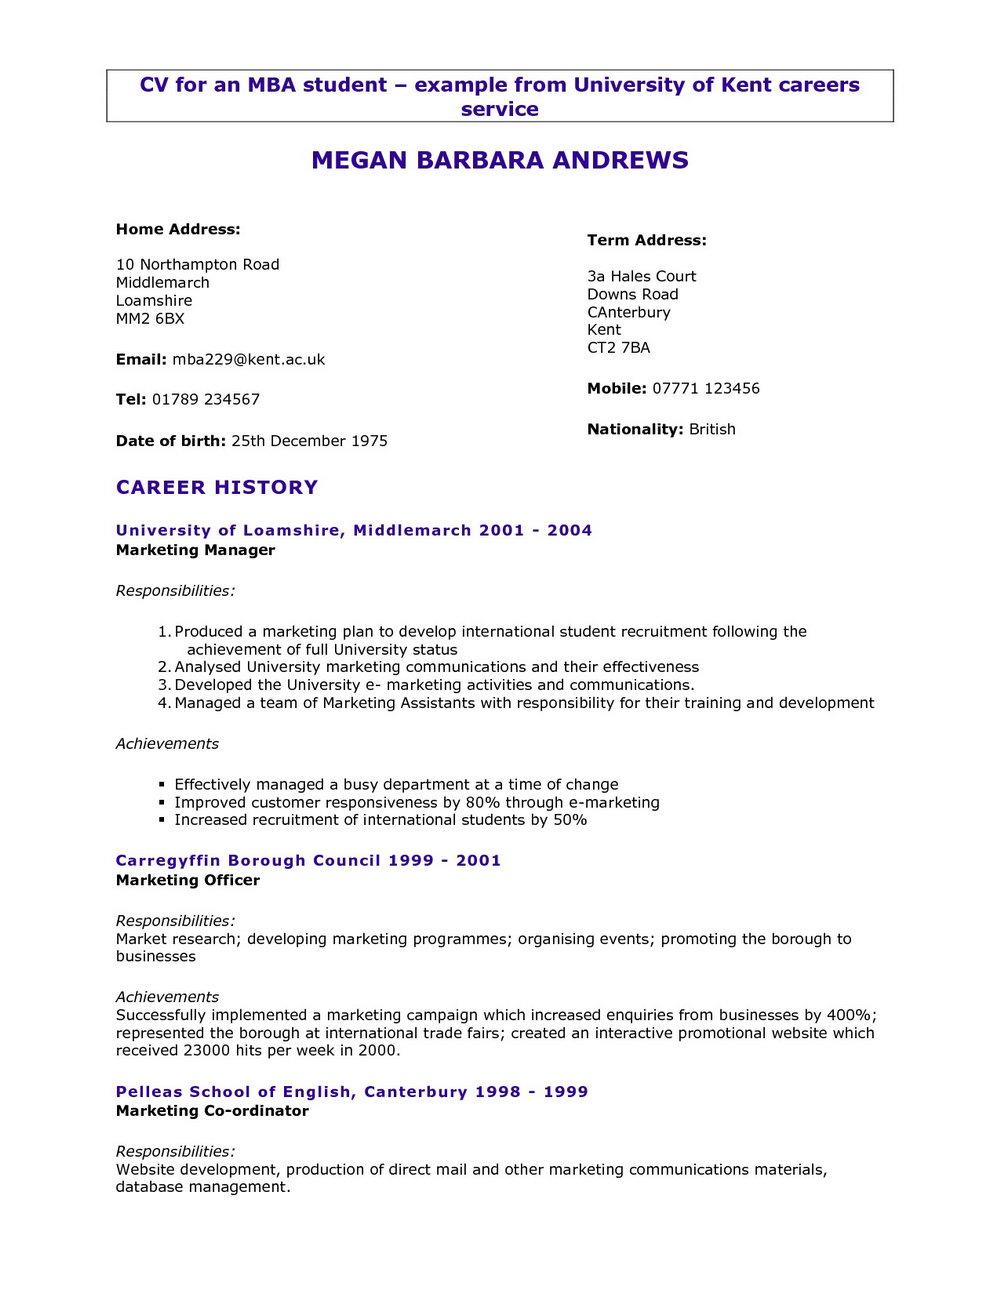 Best Free Resume Maker Software